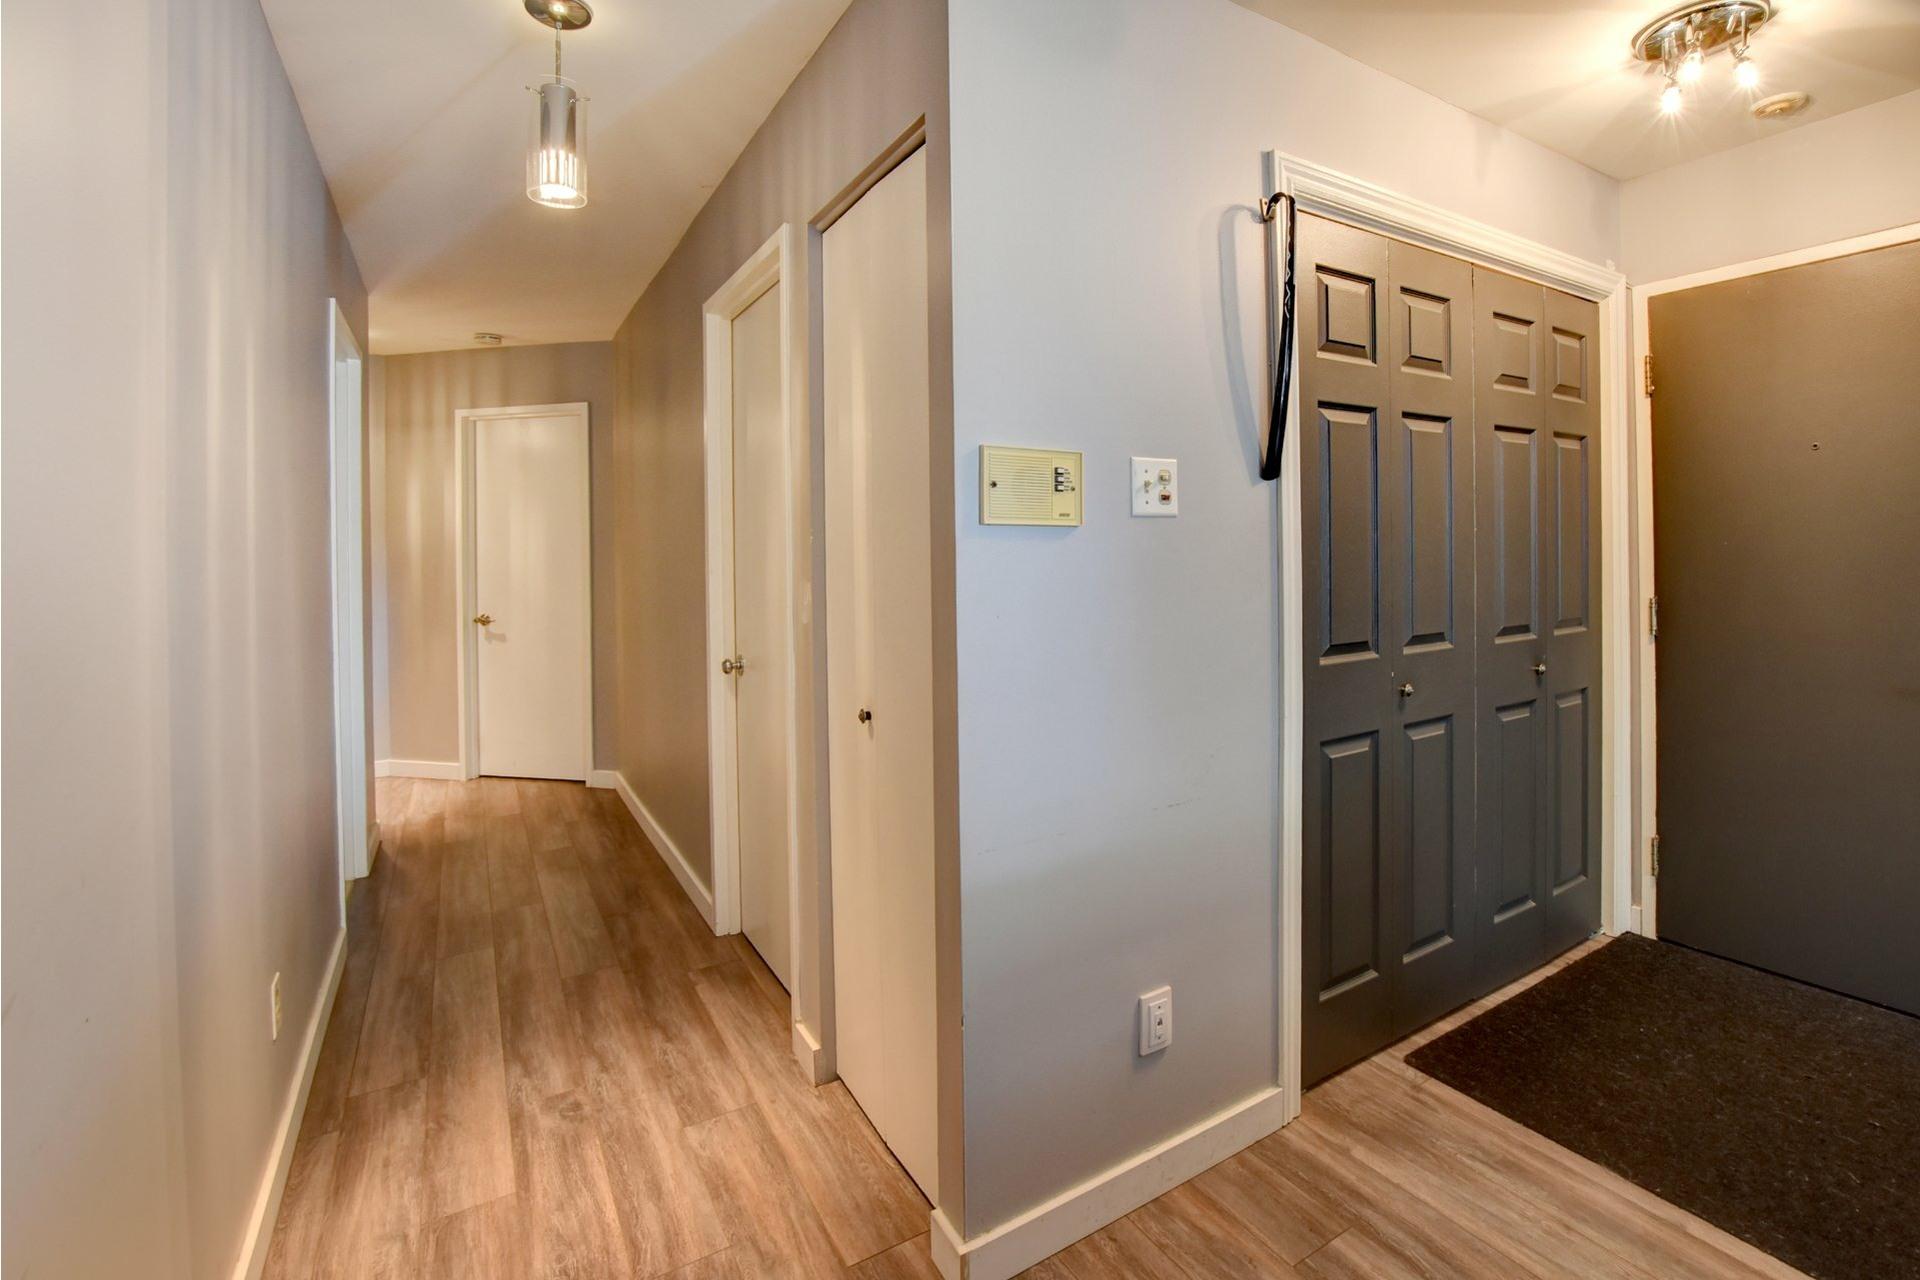 image 1 - Appartement À vendre Rivière-des-Prairies/Pointe-aux-Trembles Montréal  - 6 pièces